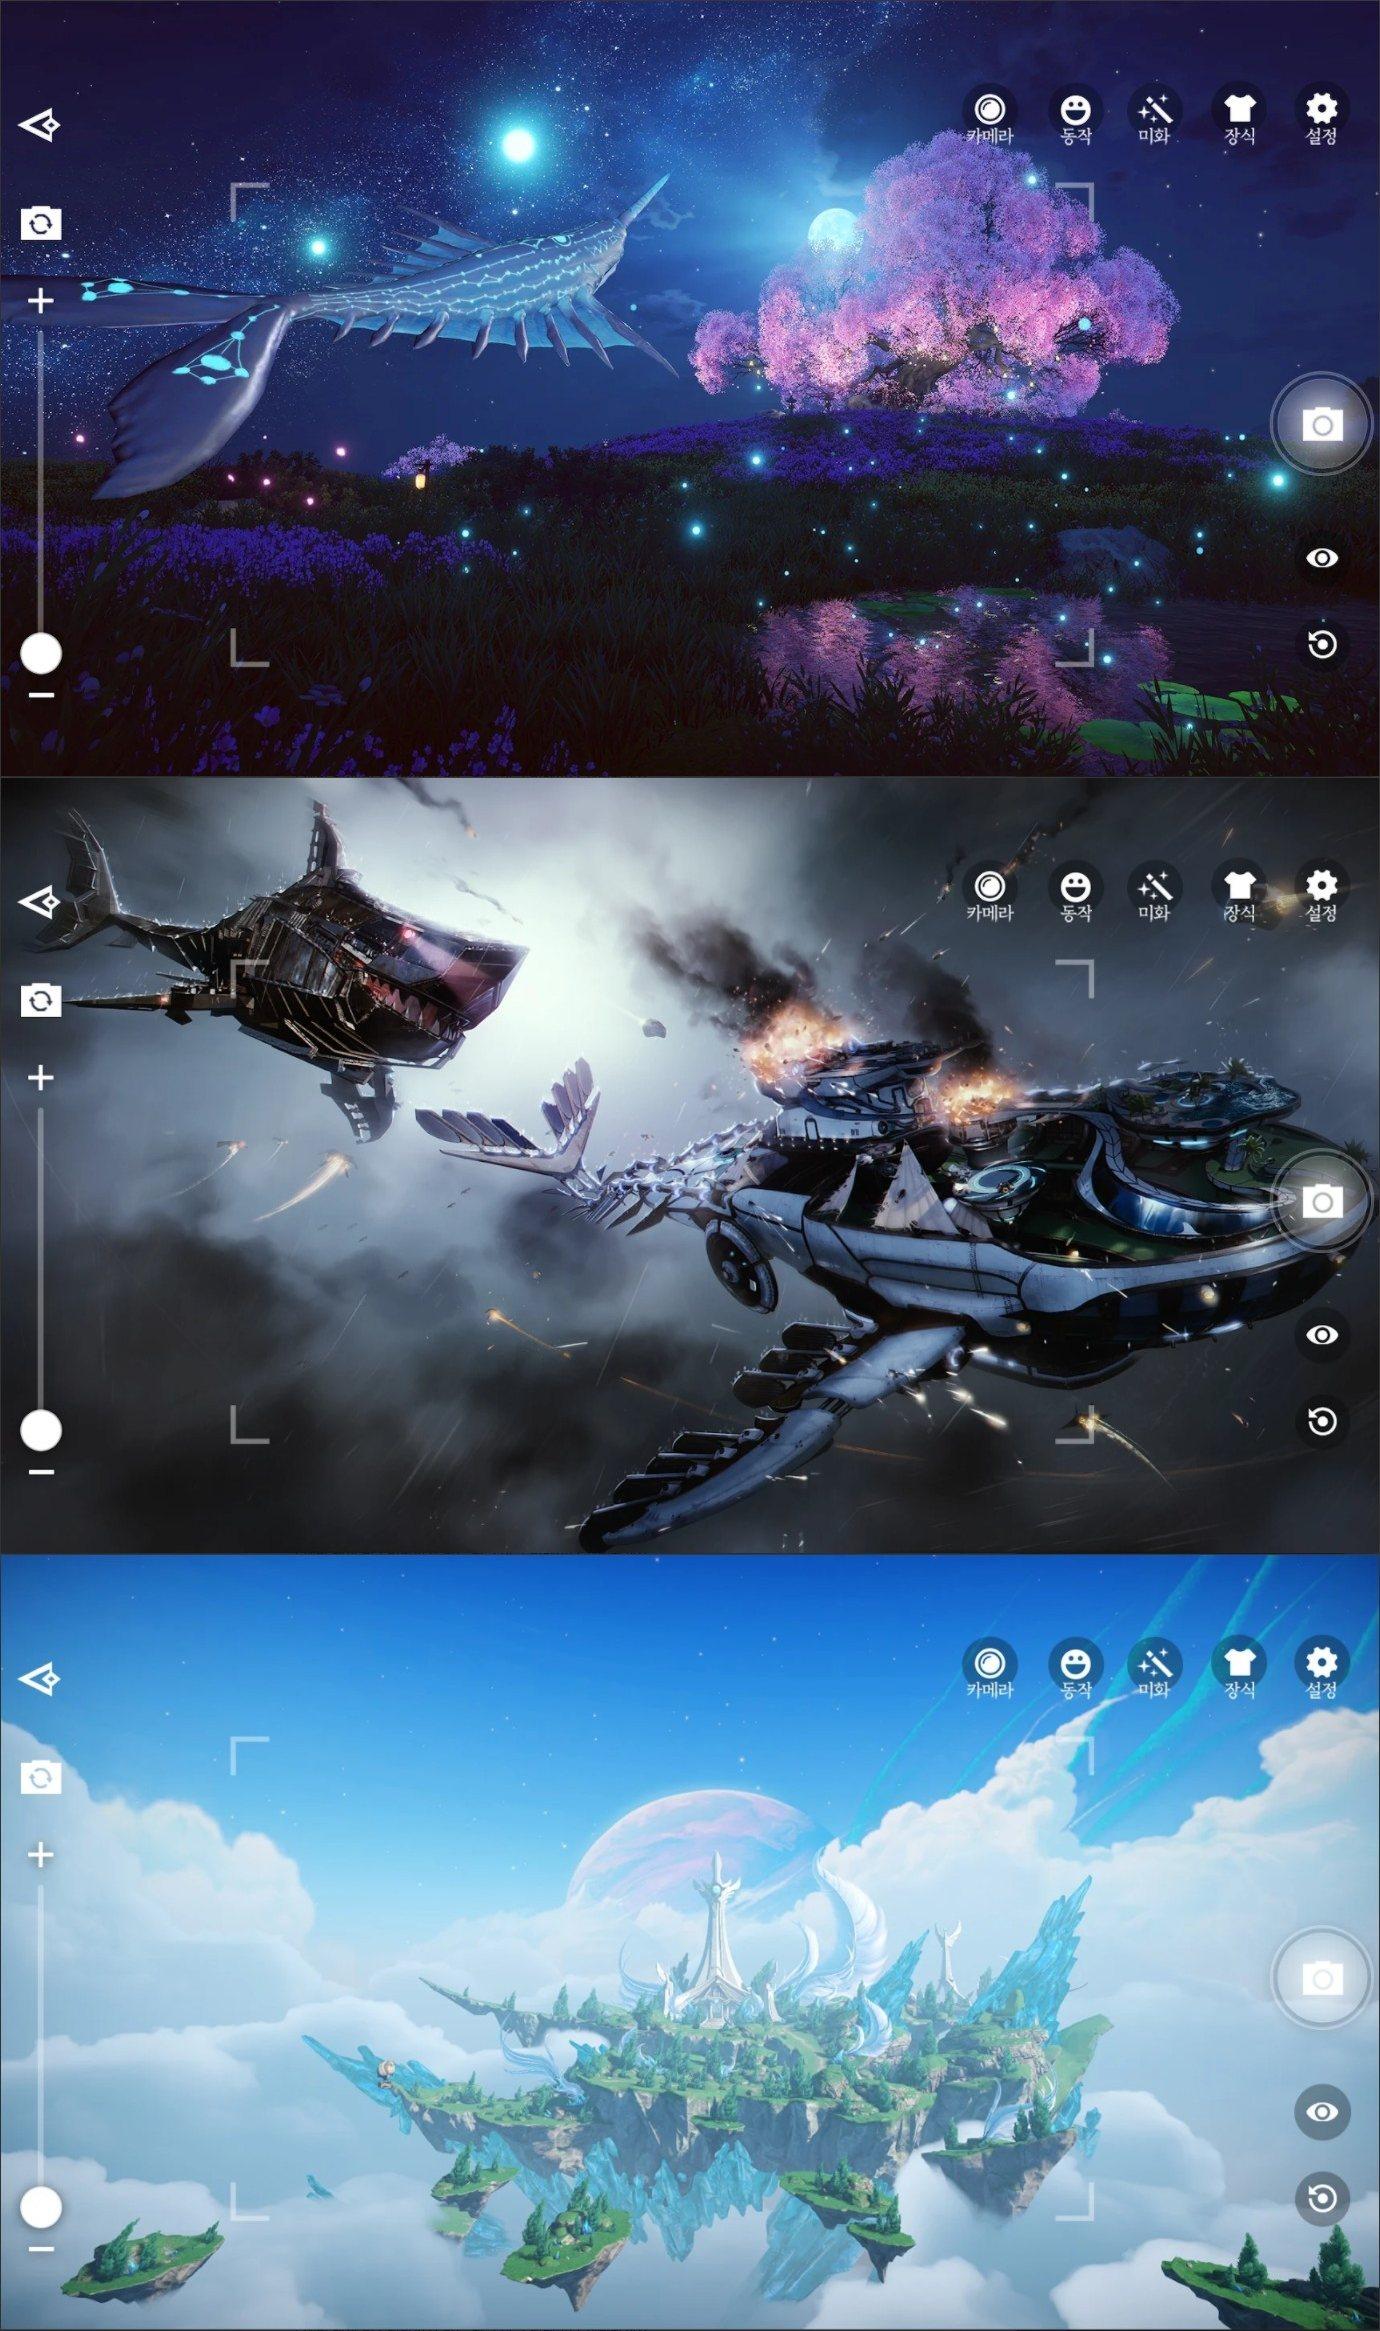 넷이즈의 감성 MMORPG 아르미스 클로즈베타 진행 예정, 블루스택으로 힐링 MMORPG의 재미를 먼저 챙겨봐요!